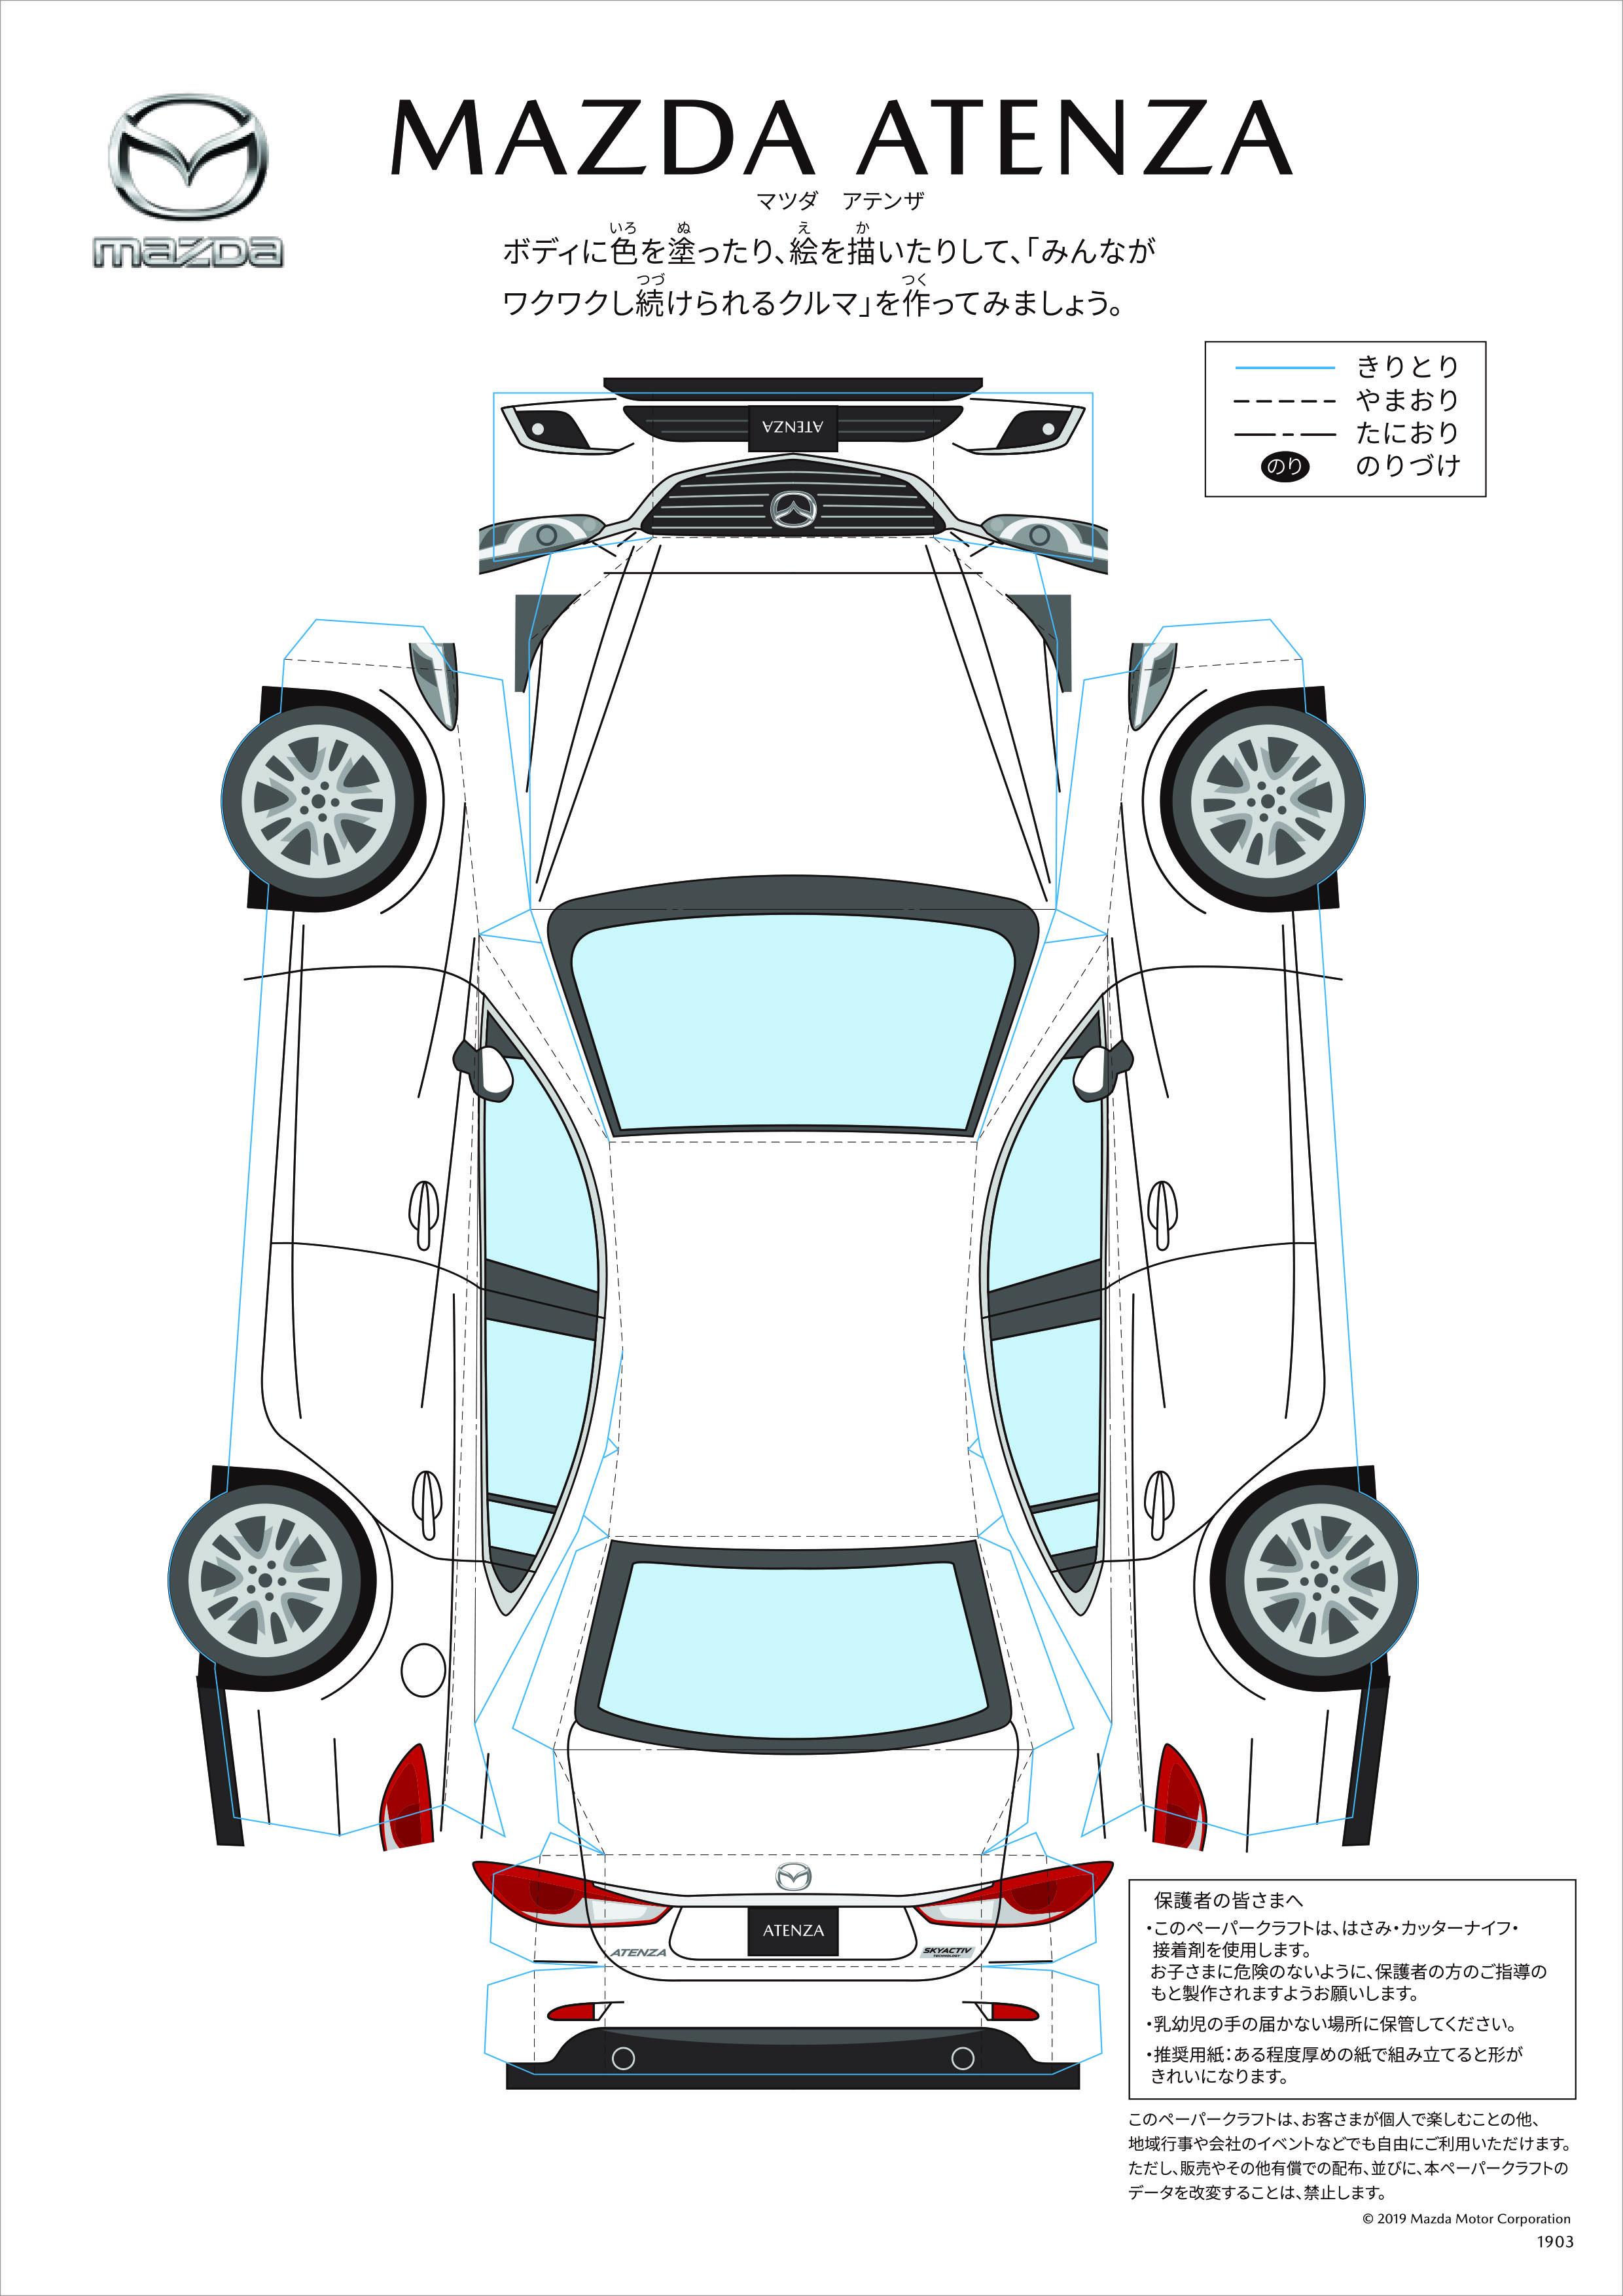 Papercraft Car Papercraft Car Of Mazda atenza